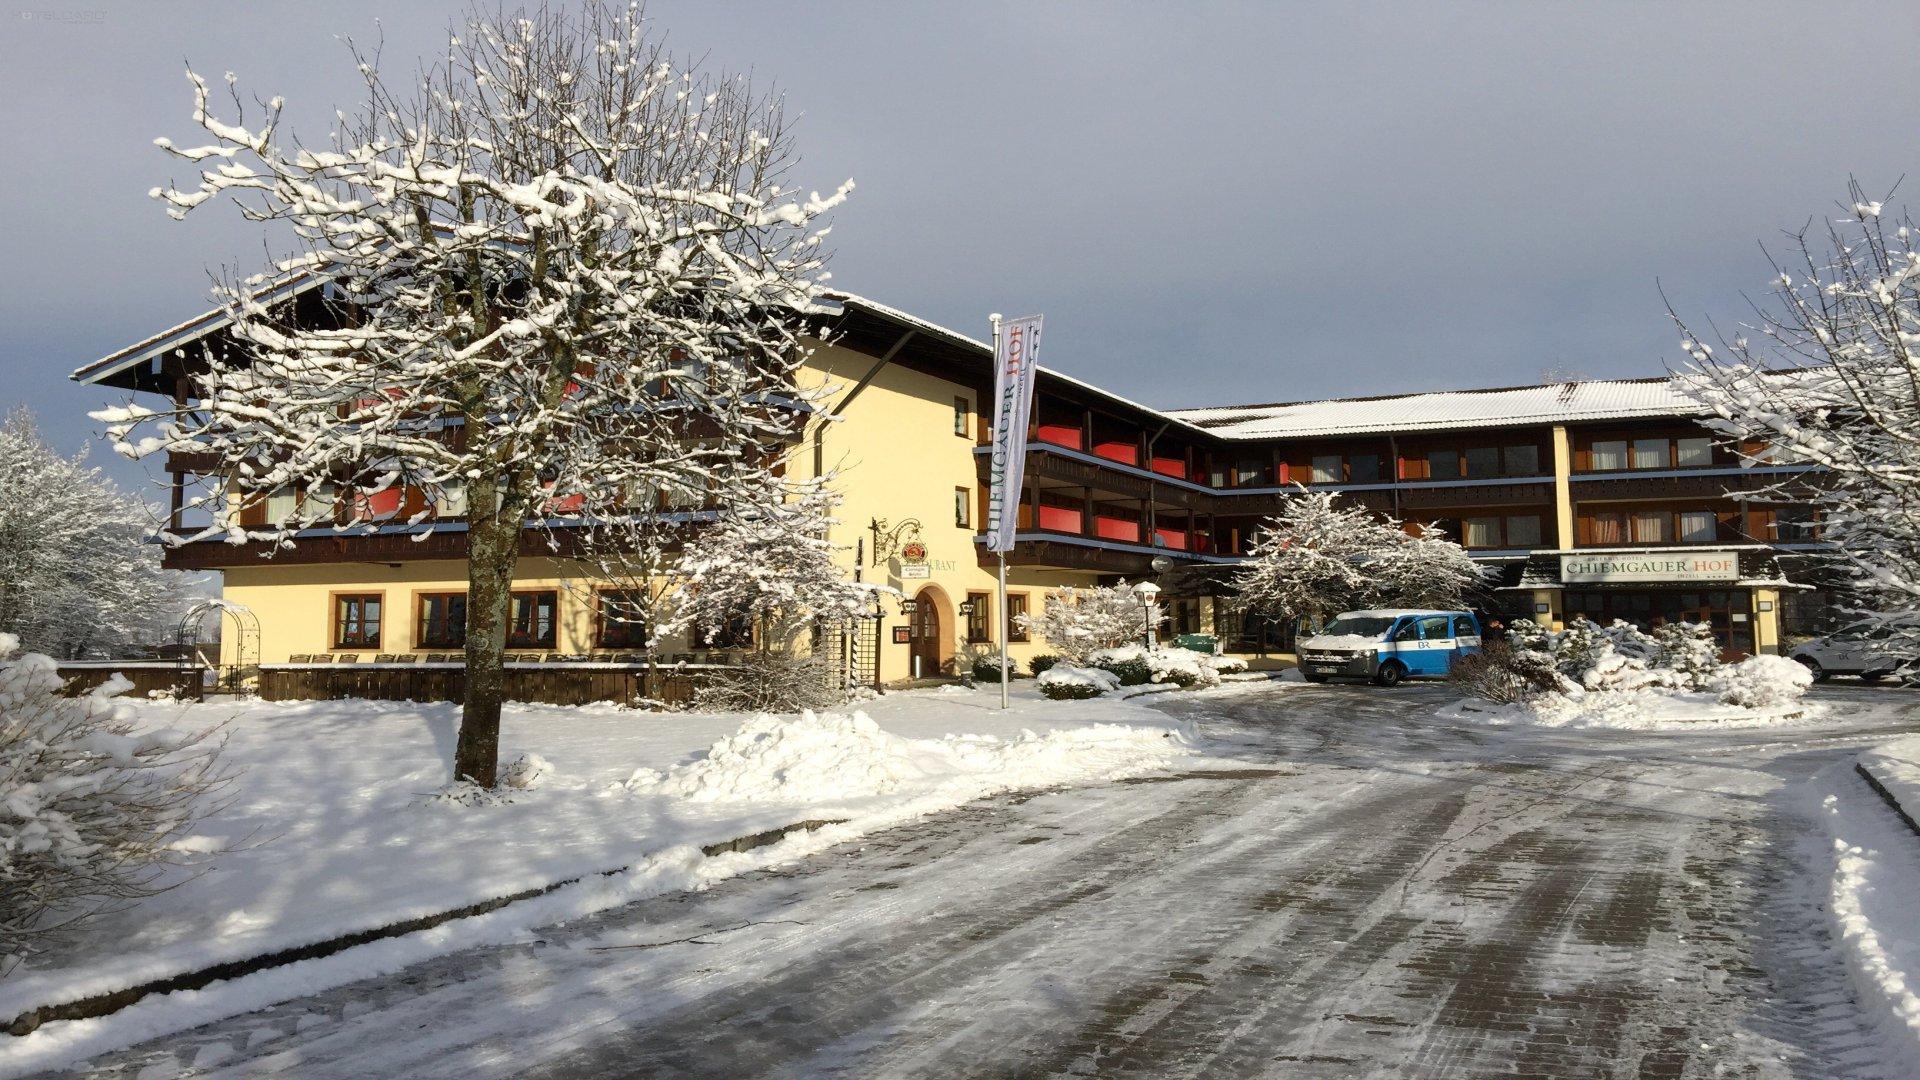 Chiemgauer Hof - Erlebnis Hotel 0